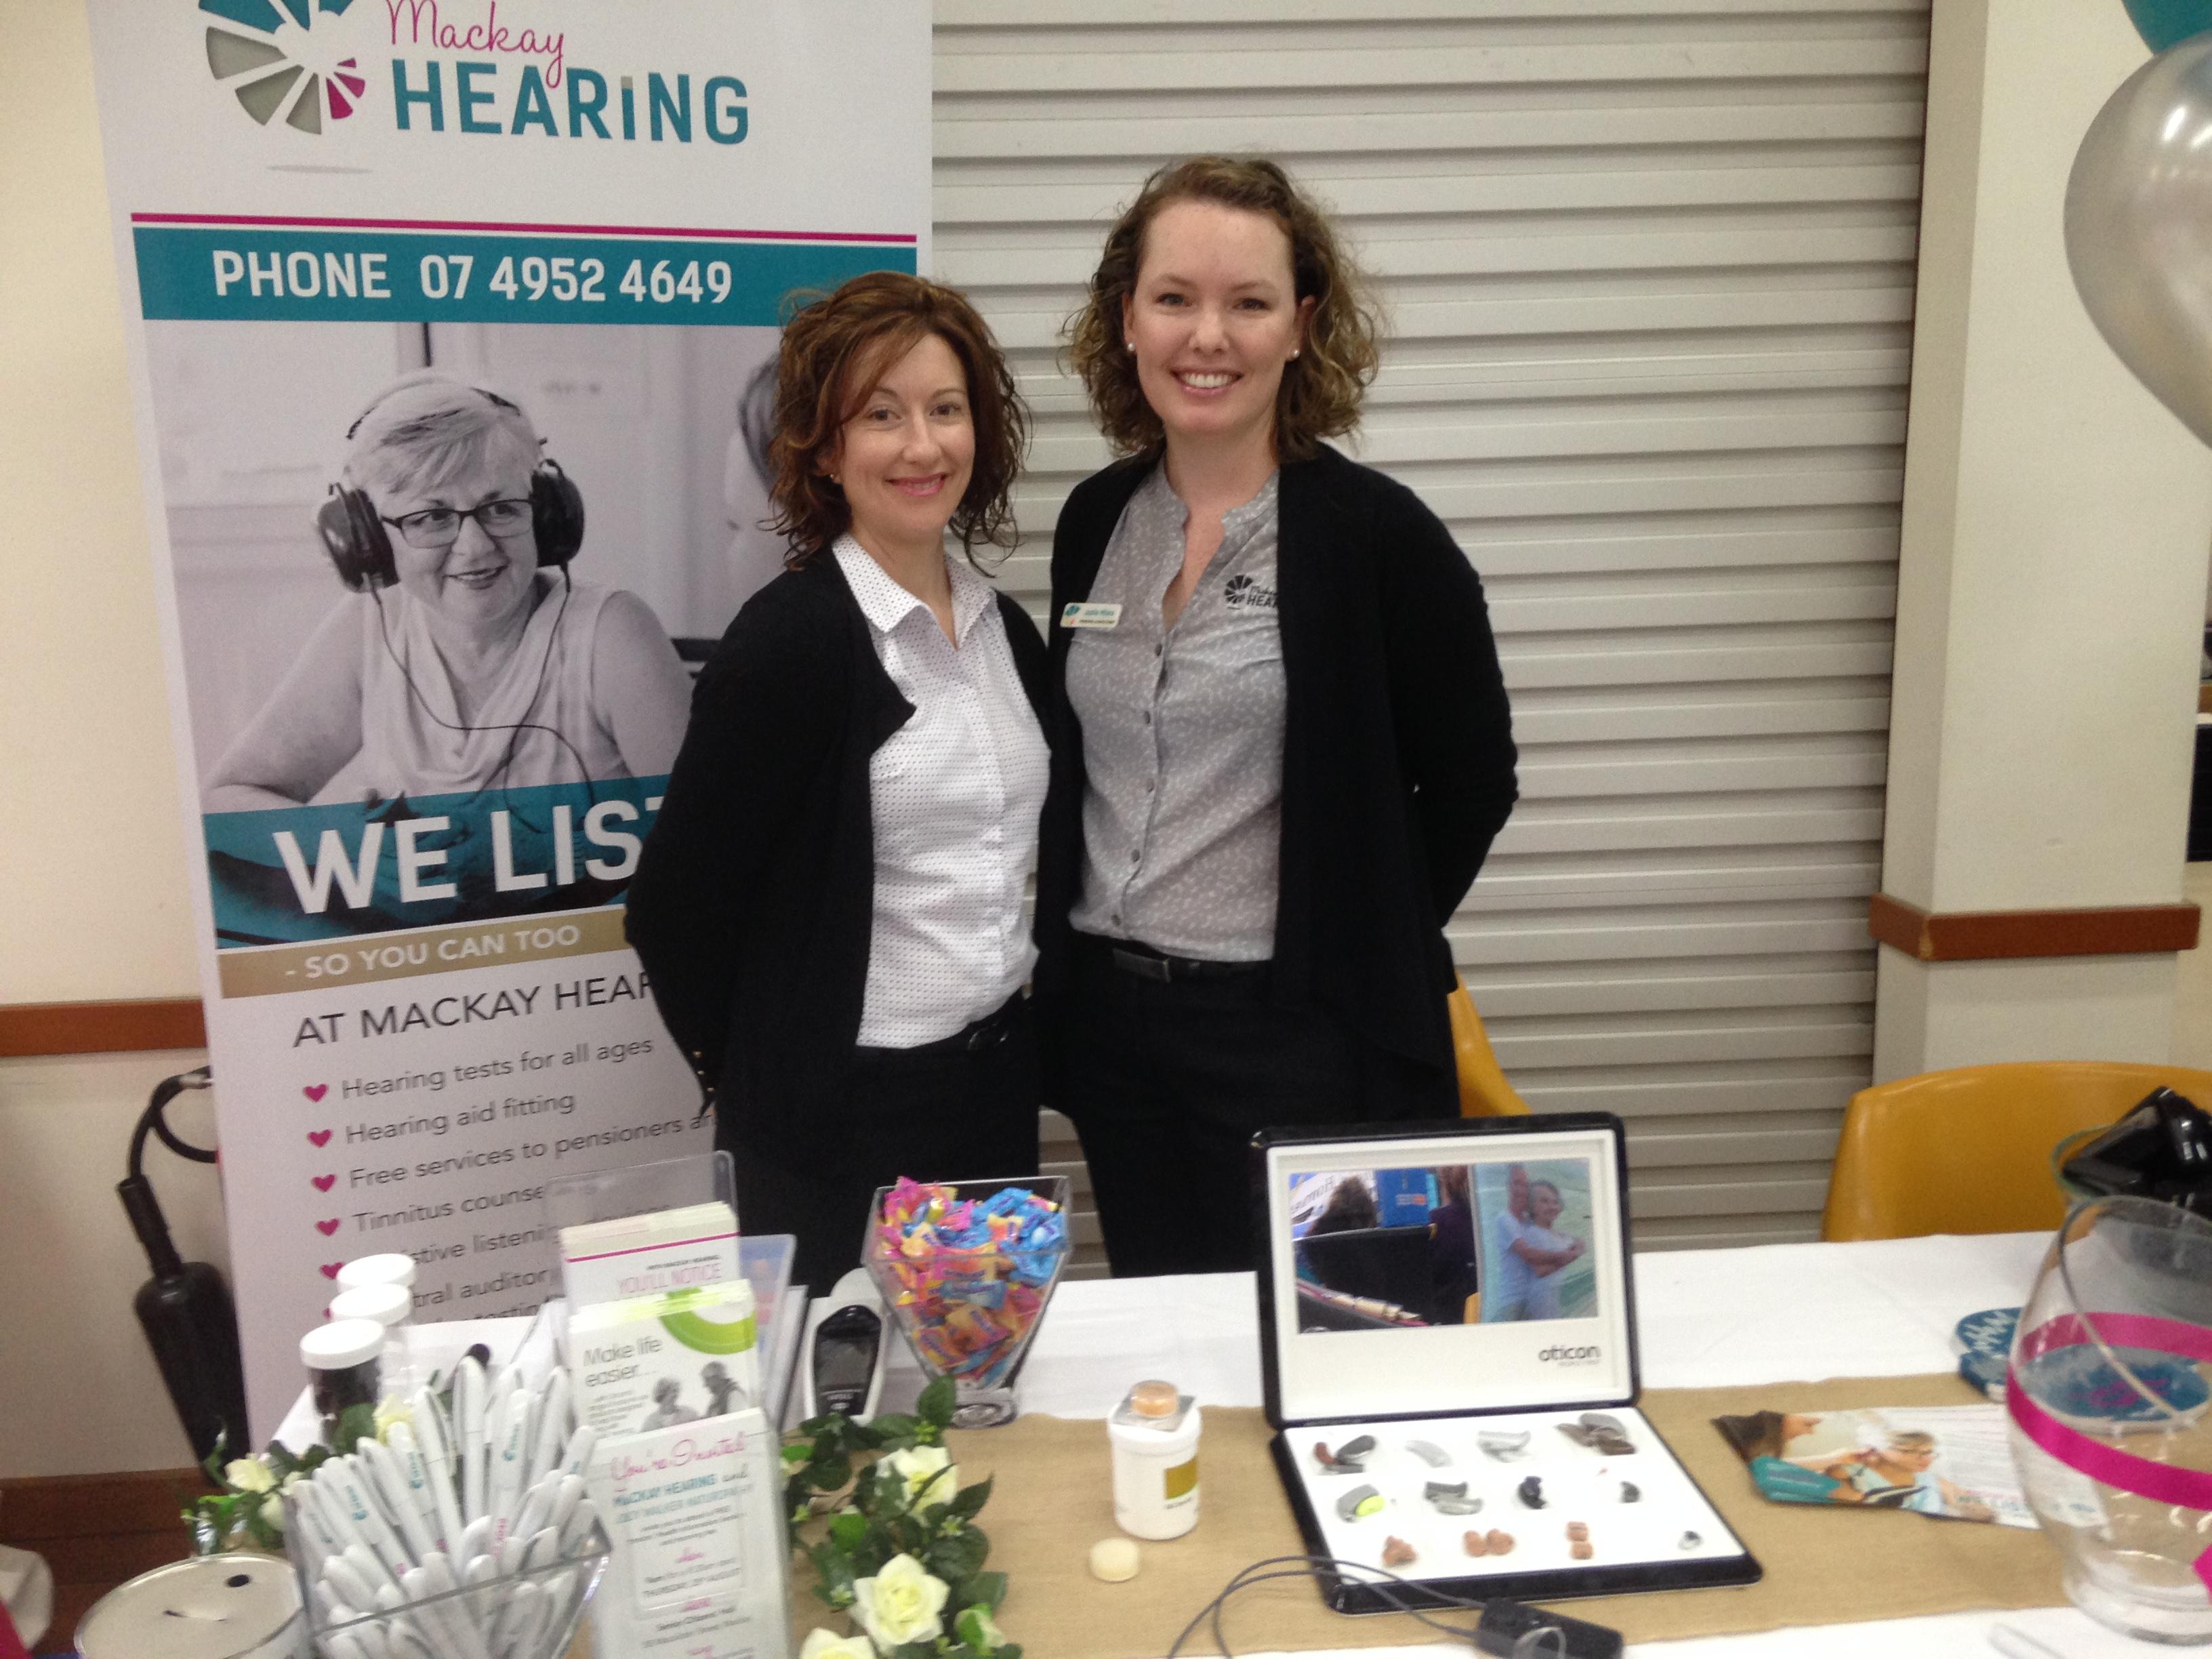 Mackay Hearing - Jodie Miles and Josephine Murphy